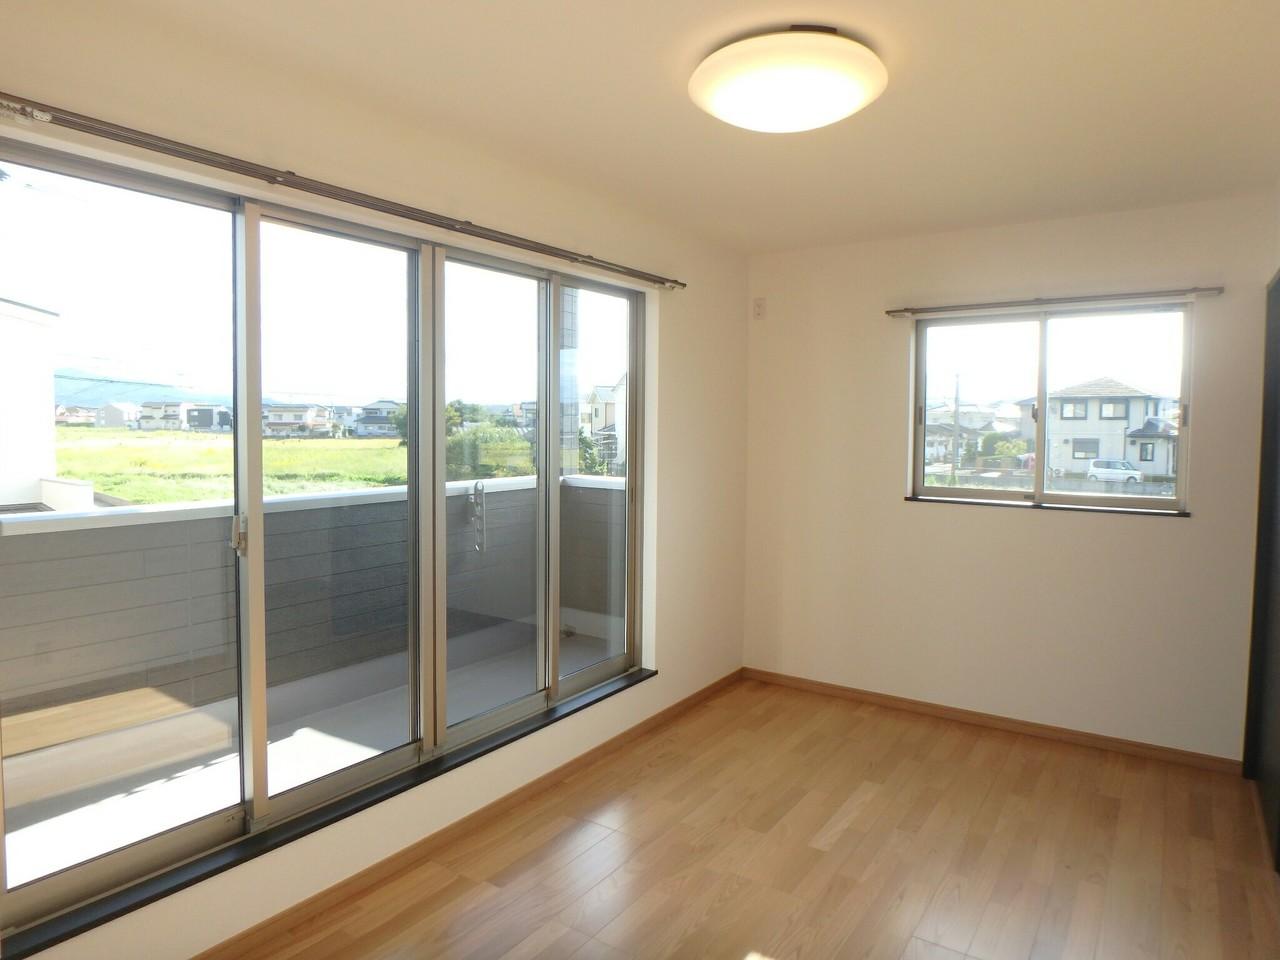 2階7畳の広めの洋室は、バルコニーに面した大きな窓。 ルーフバルコニーなので、洗濯物を雨から守ってくれますね♪